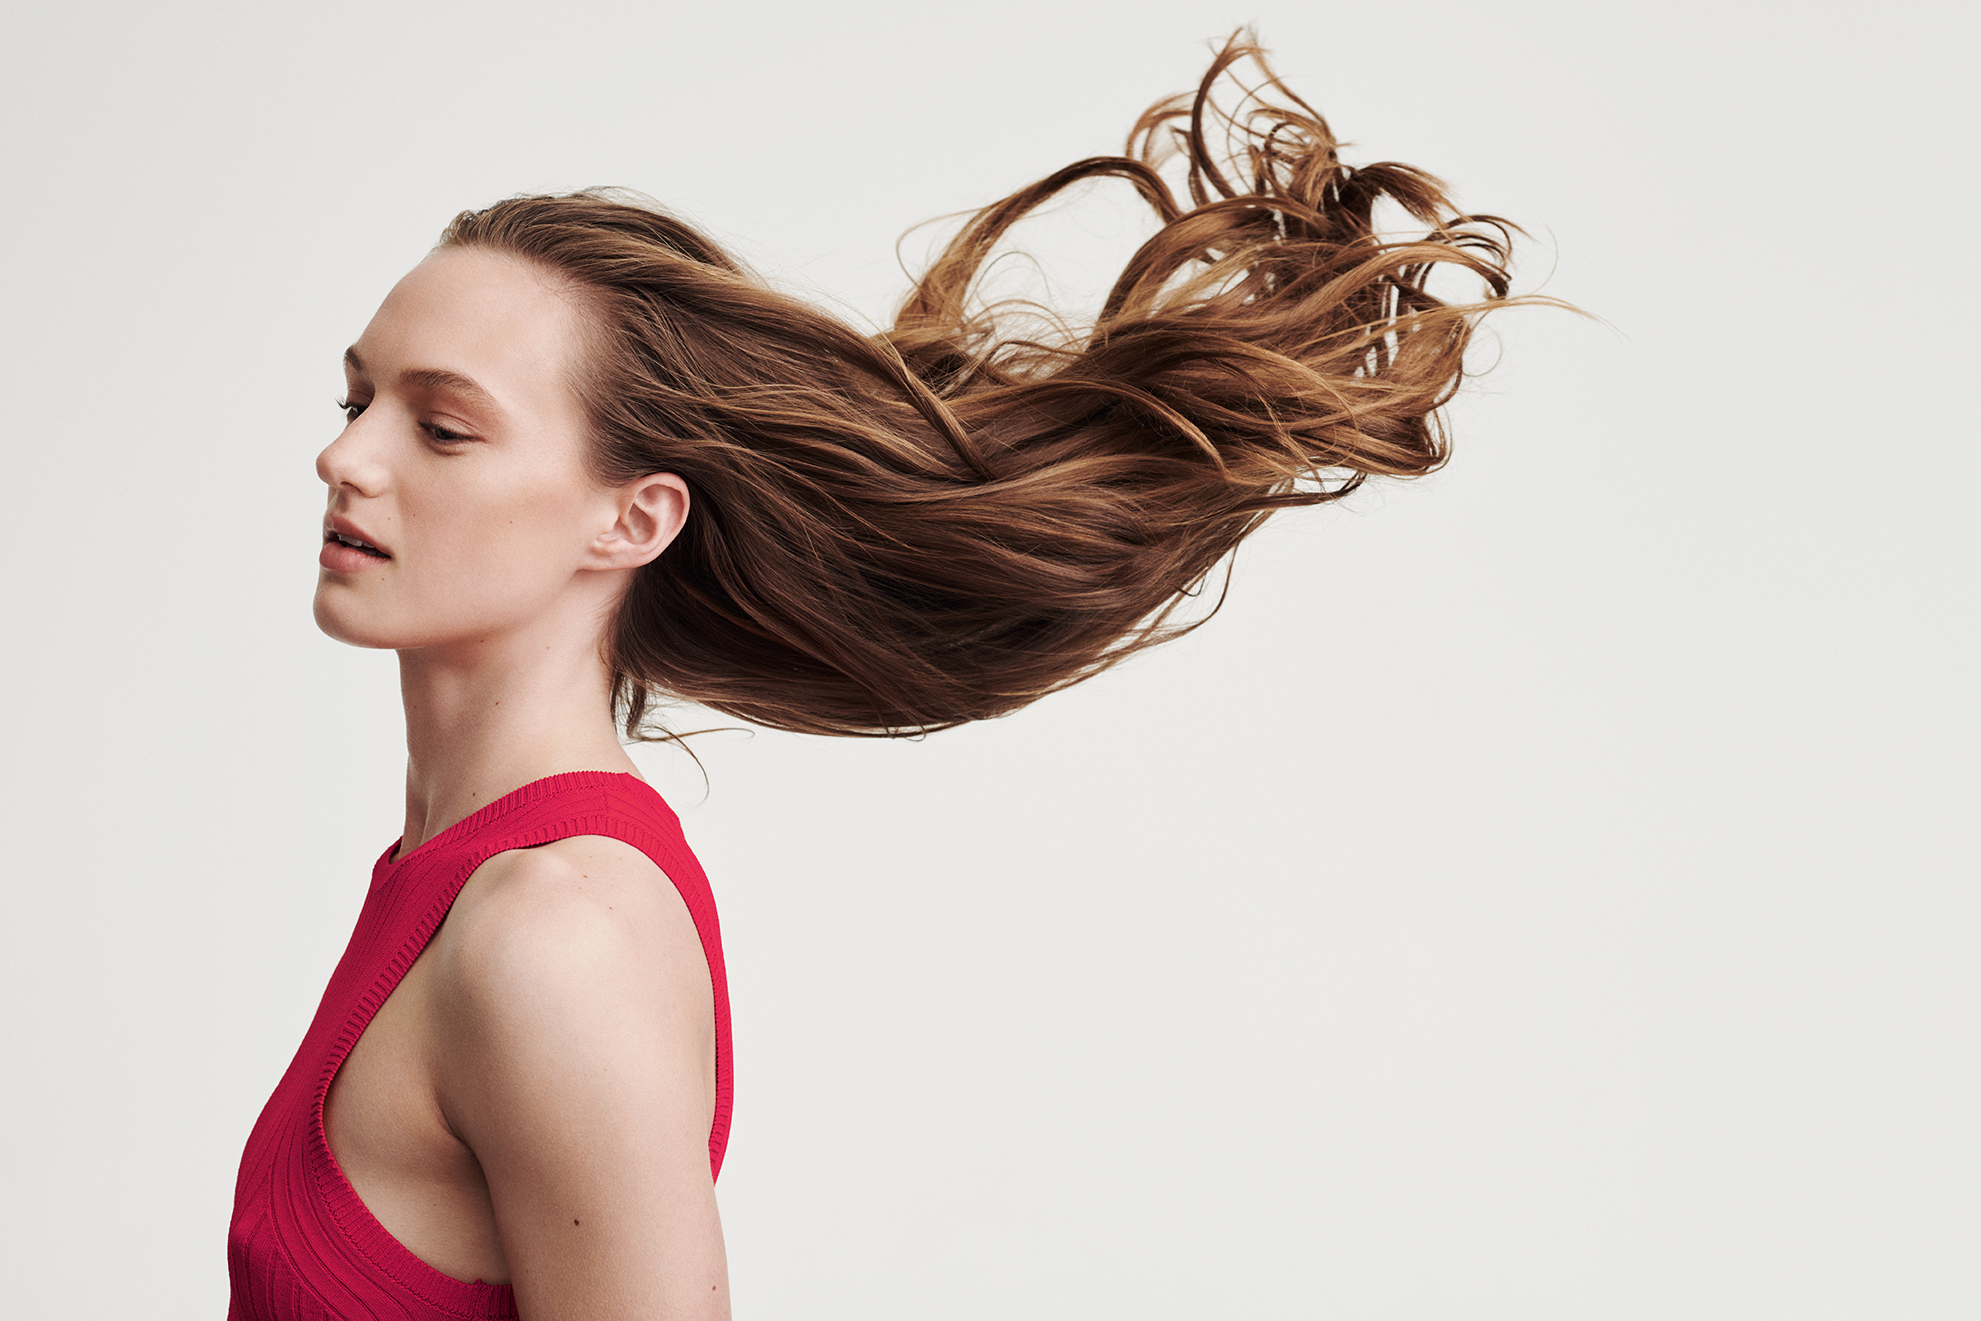 Haarschnitt von Frech bis klassisch